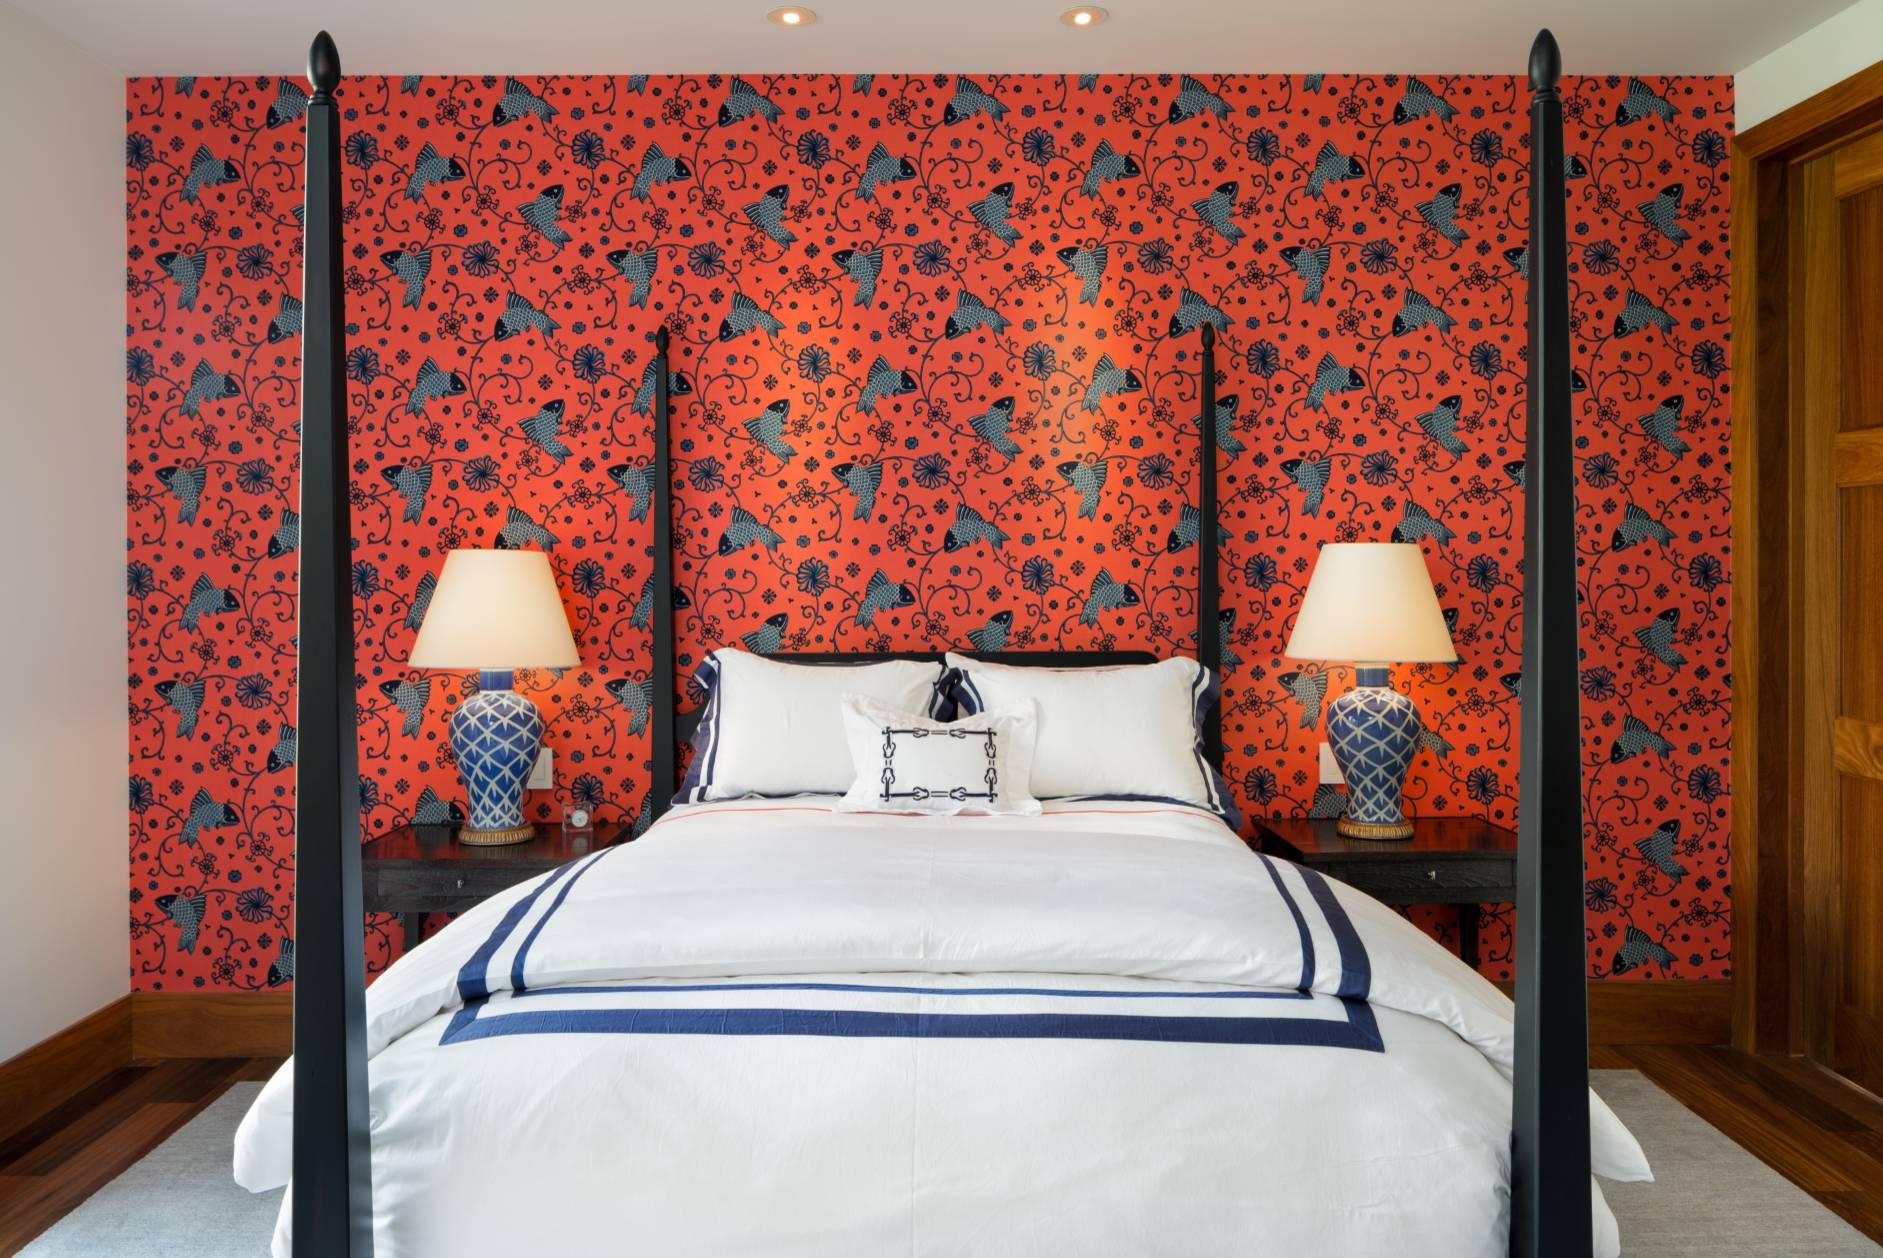 Цветочные обои со стороны изголовья кровати